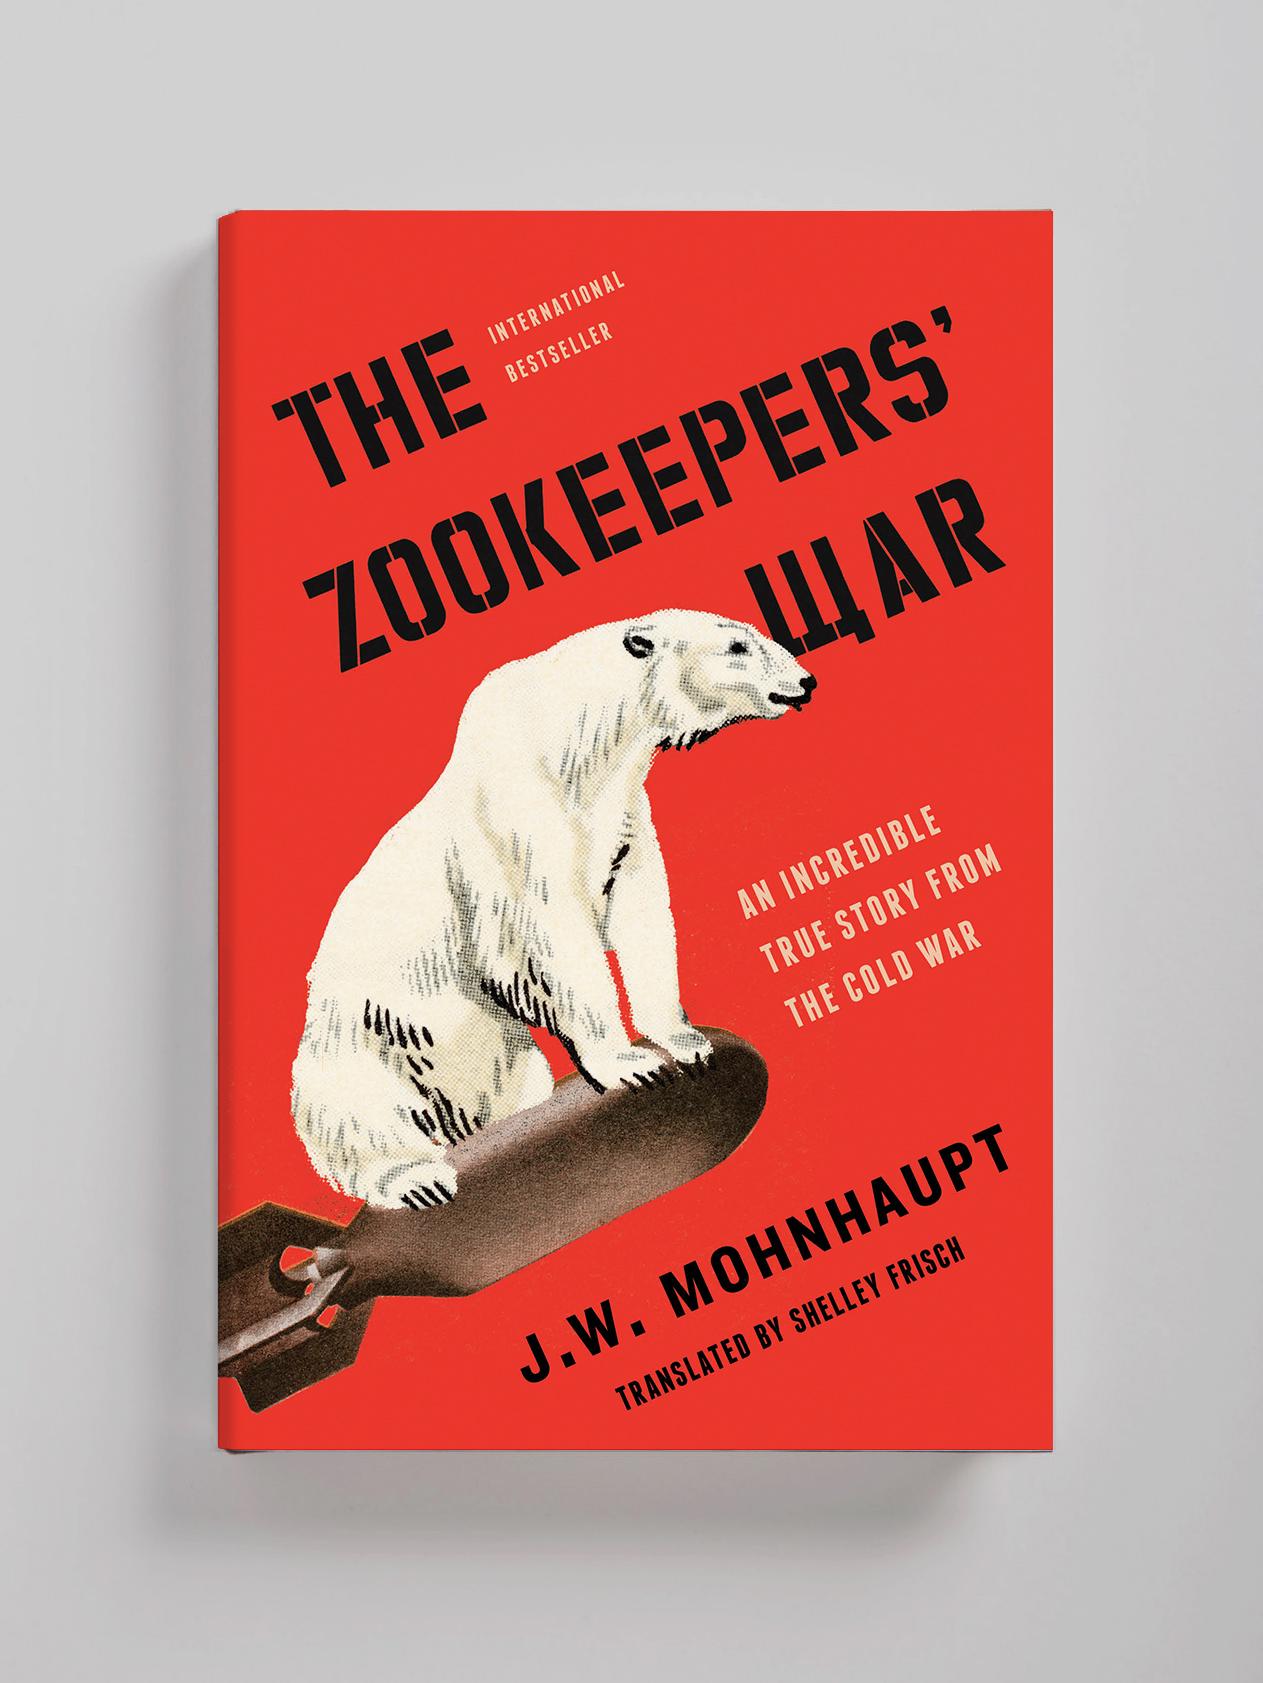 Lauren Peters-Collaer—The Zookeepers' War